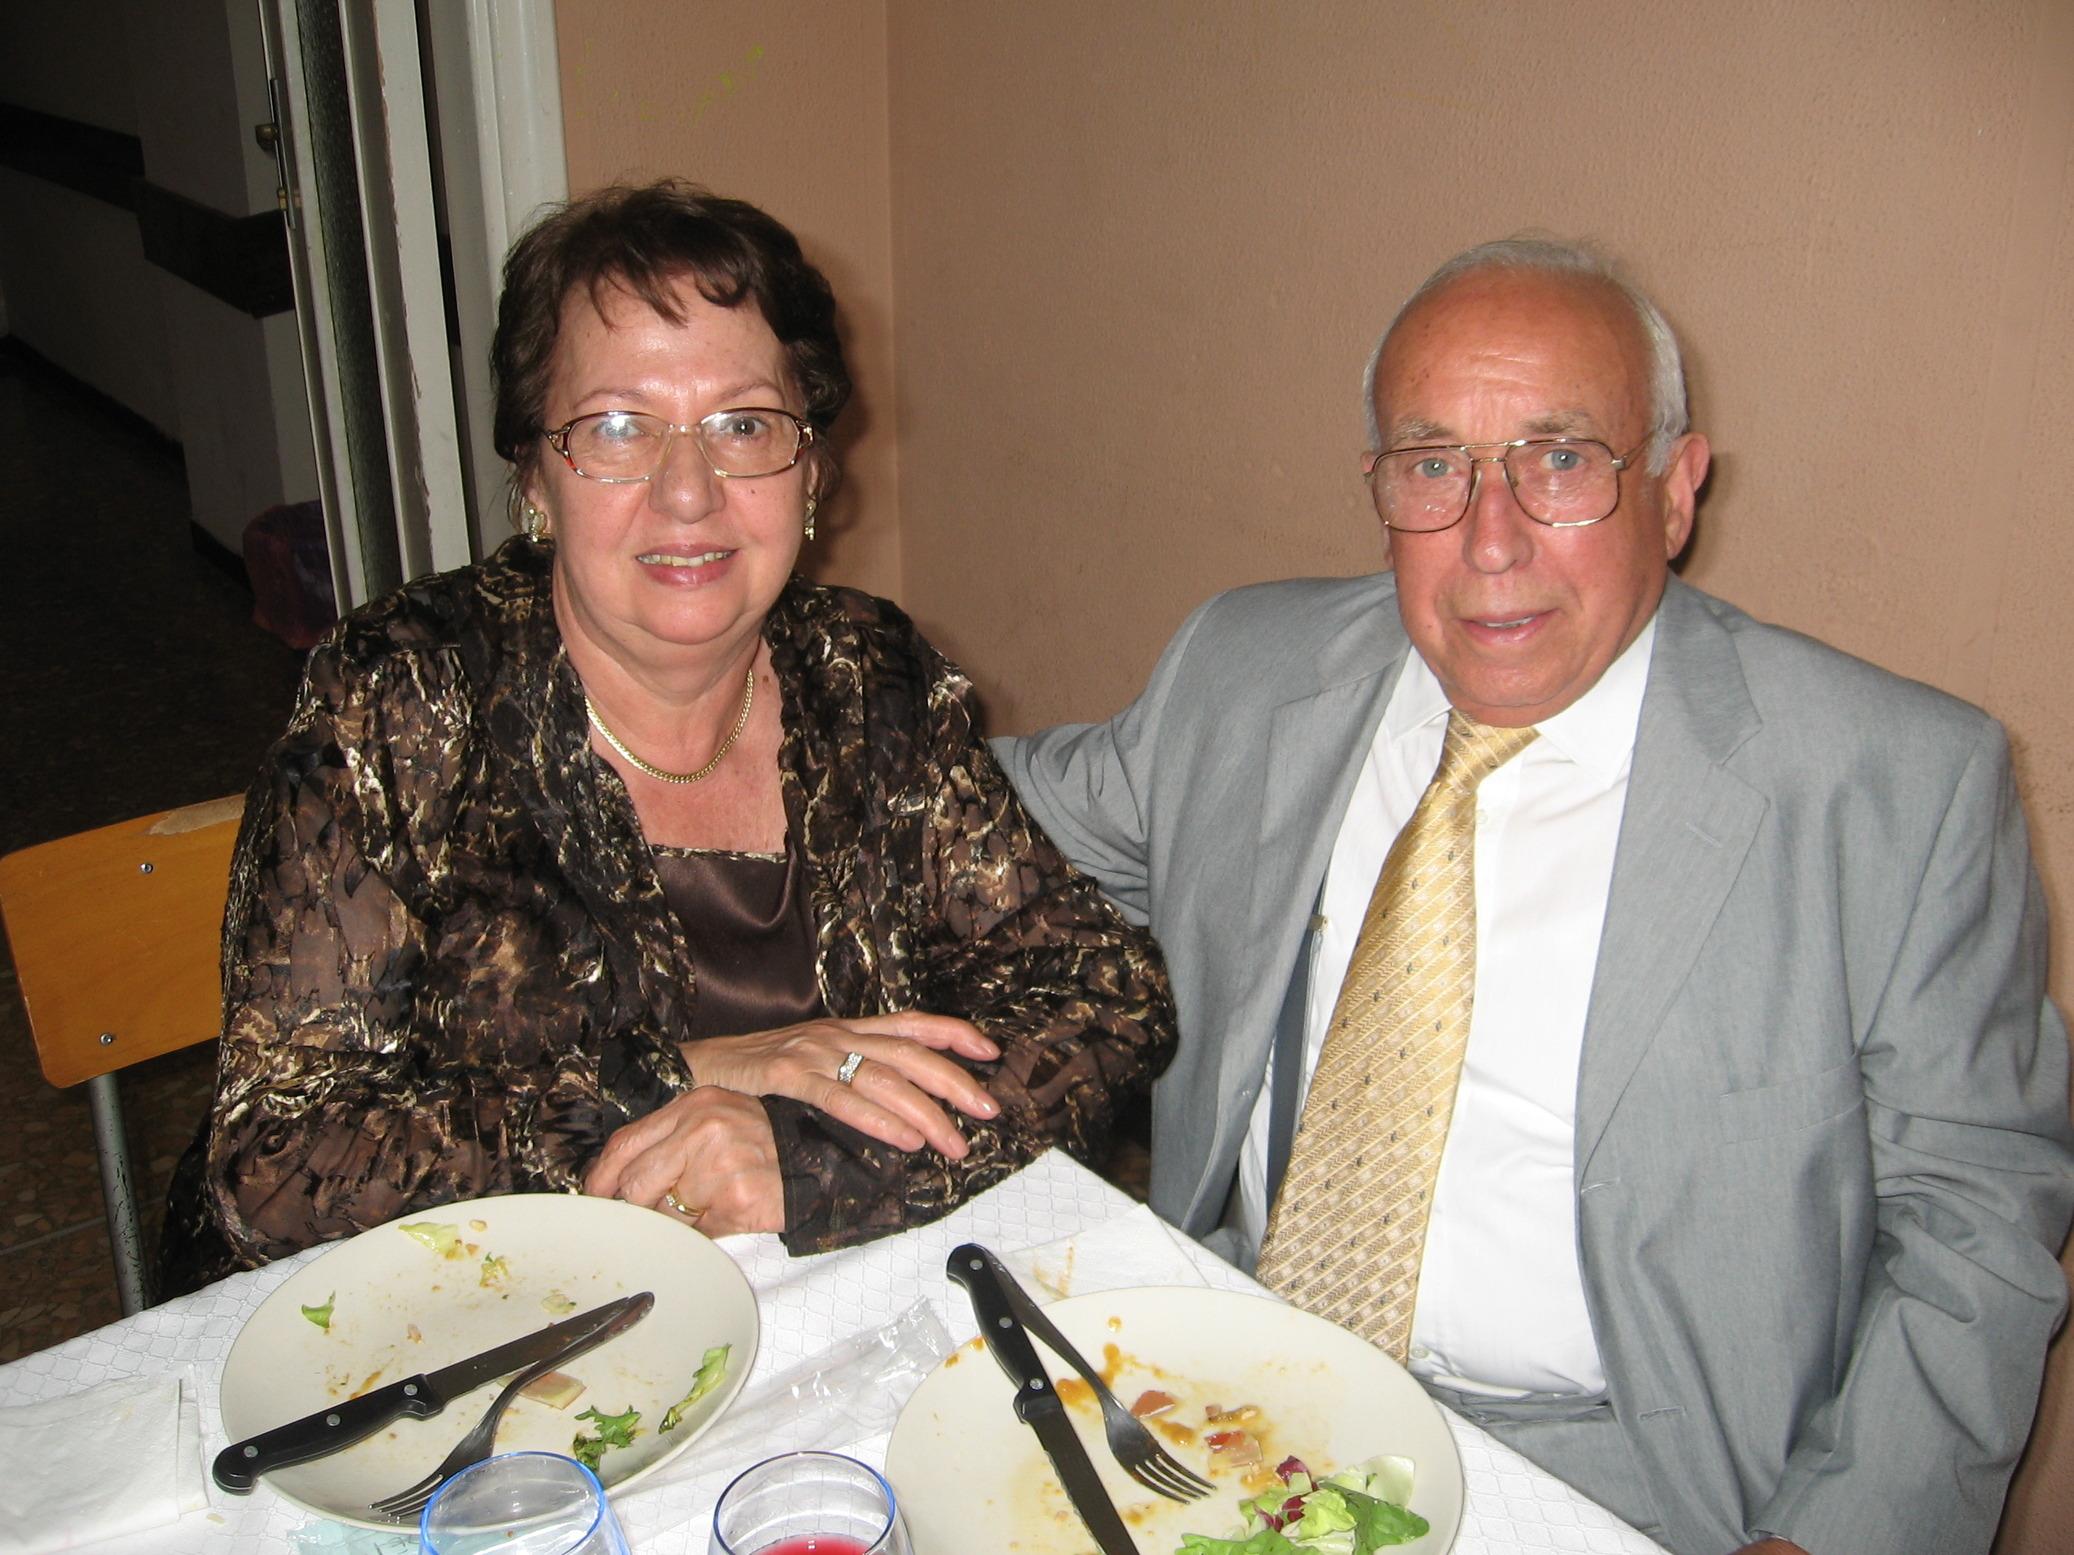 Anniversari_Matrimonio_2010-06-13--13.50.45